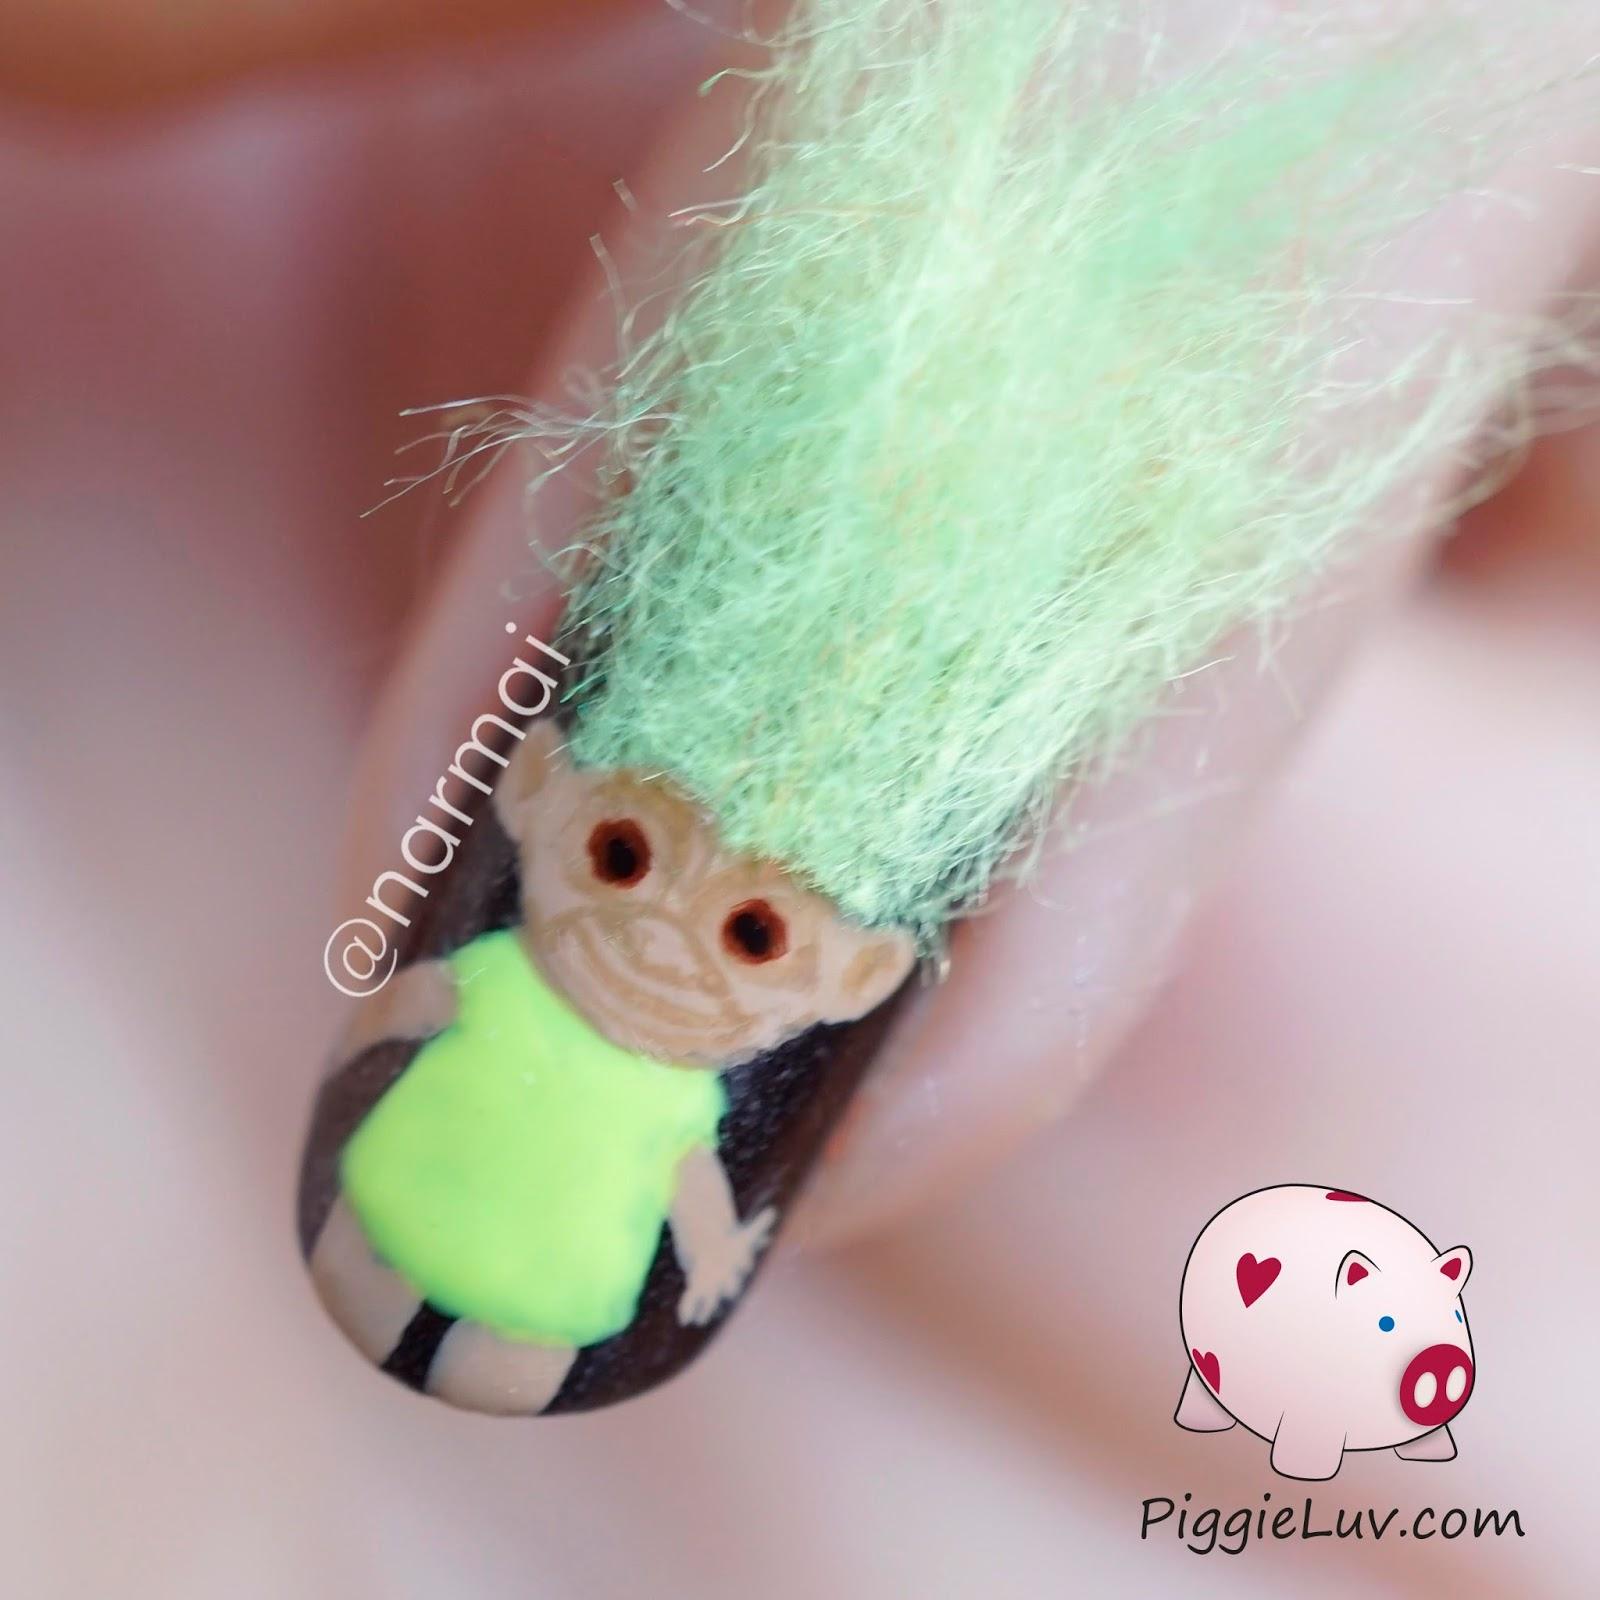 Trolls Movie Nail Art: PiggieLuv: 3D Troll Dolls Nail Art